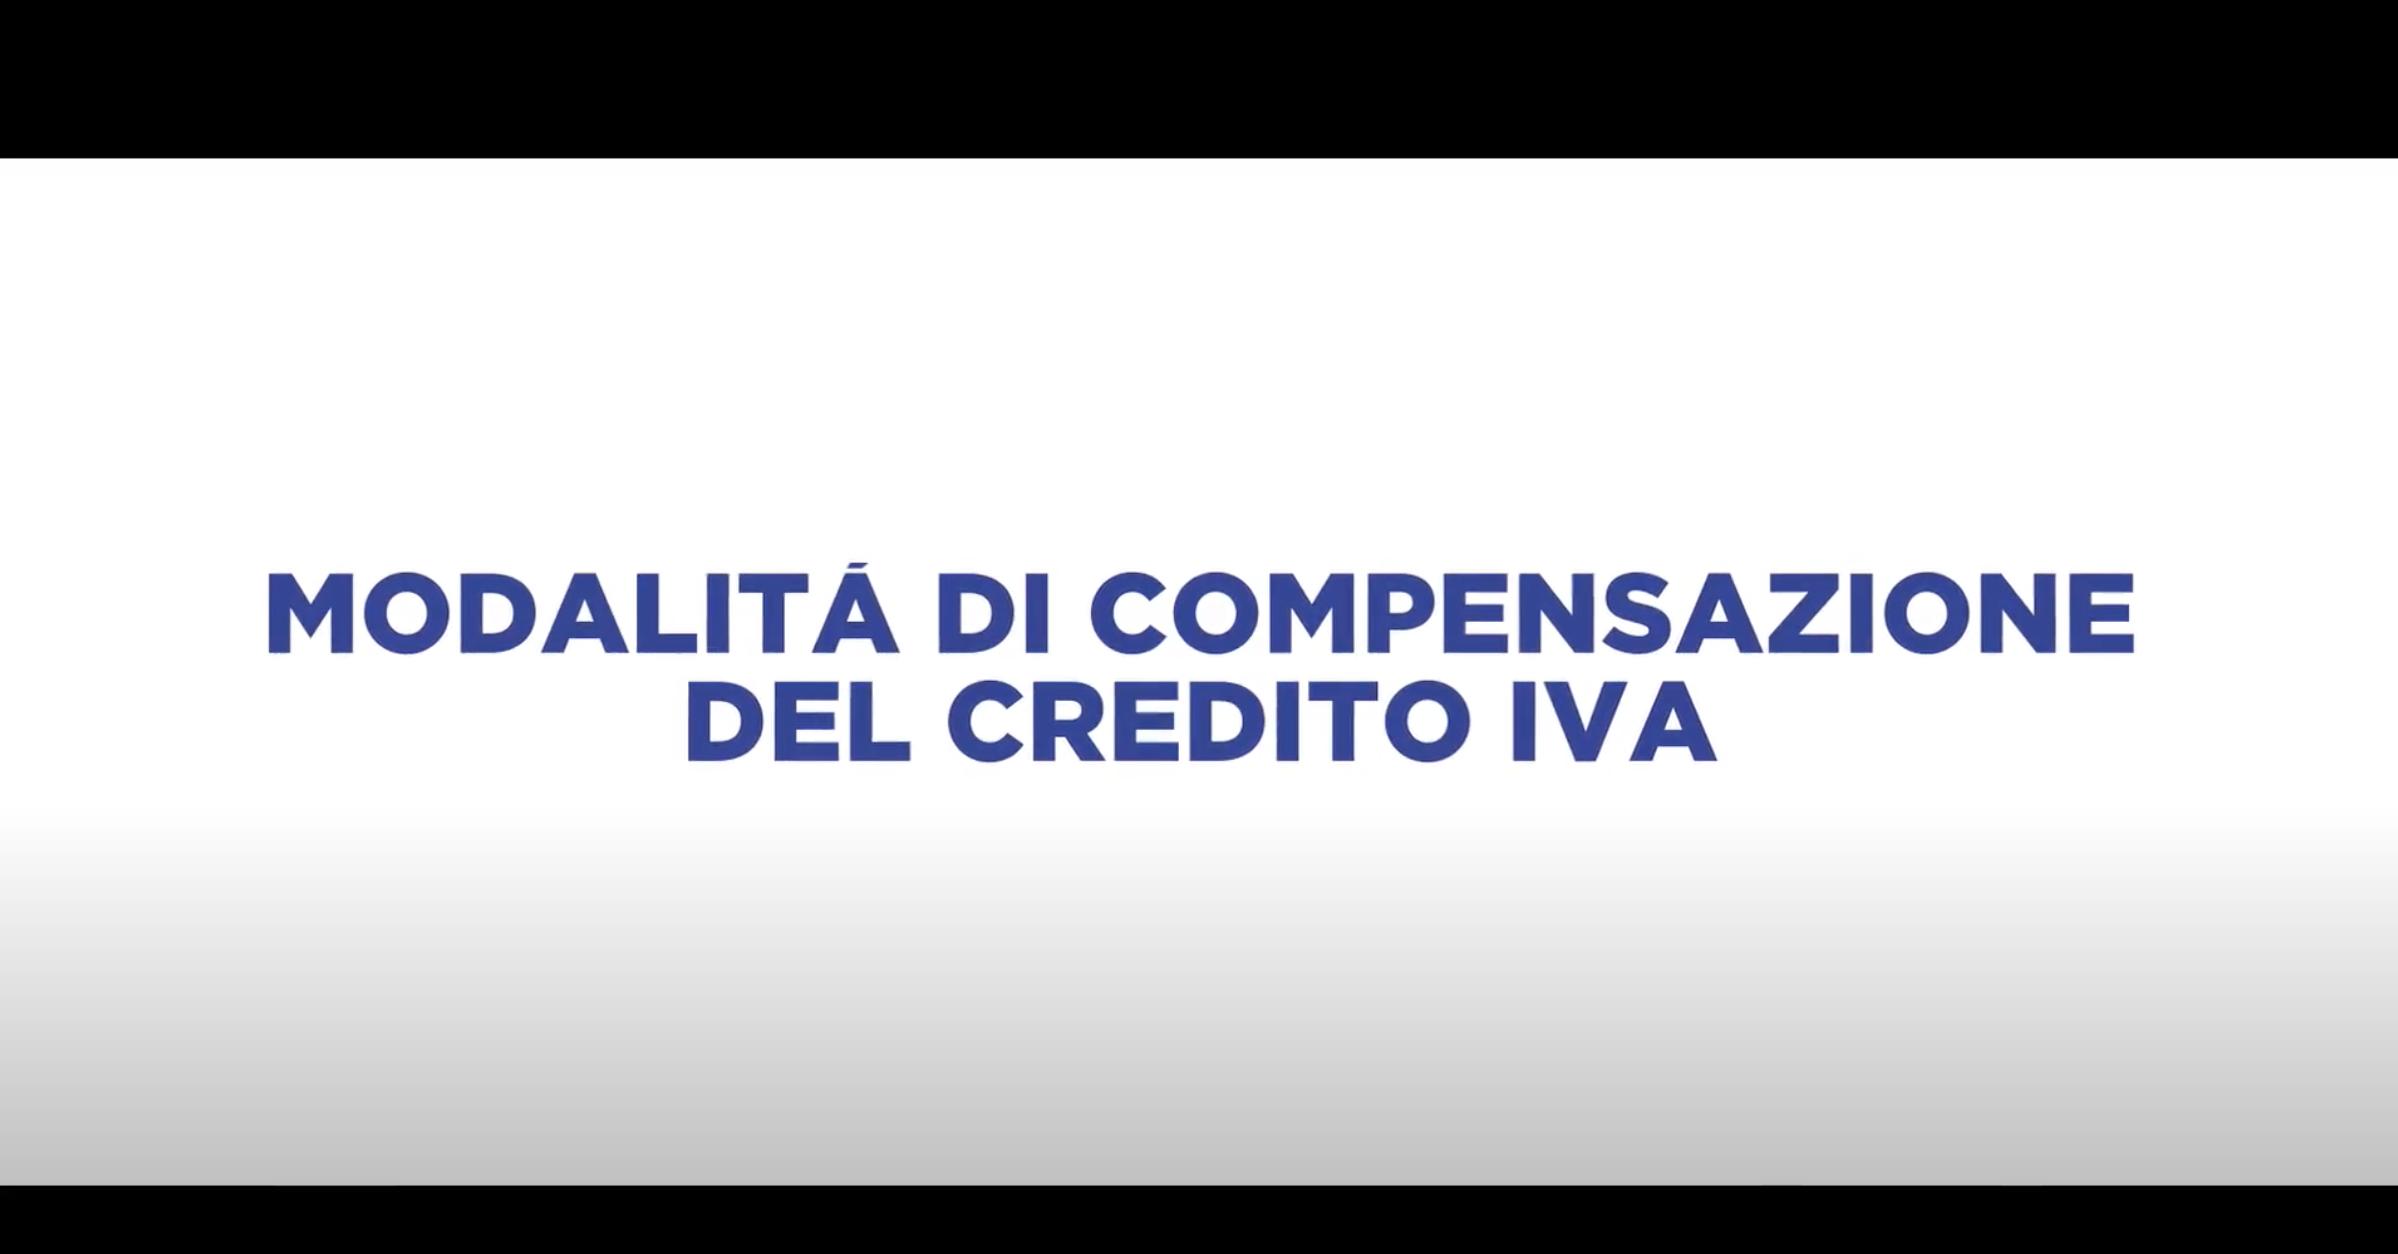 MODALITA' DI COMPENSAZIONE DEL CREDITO IVA